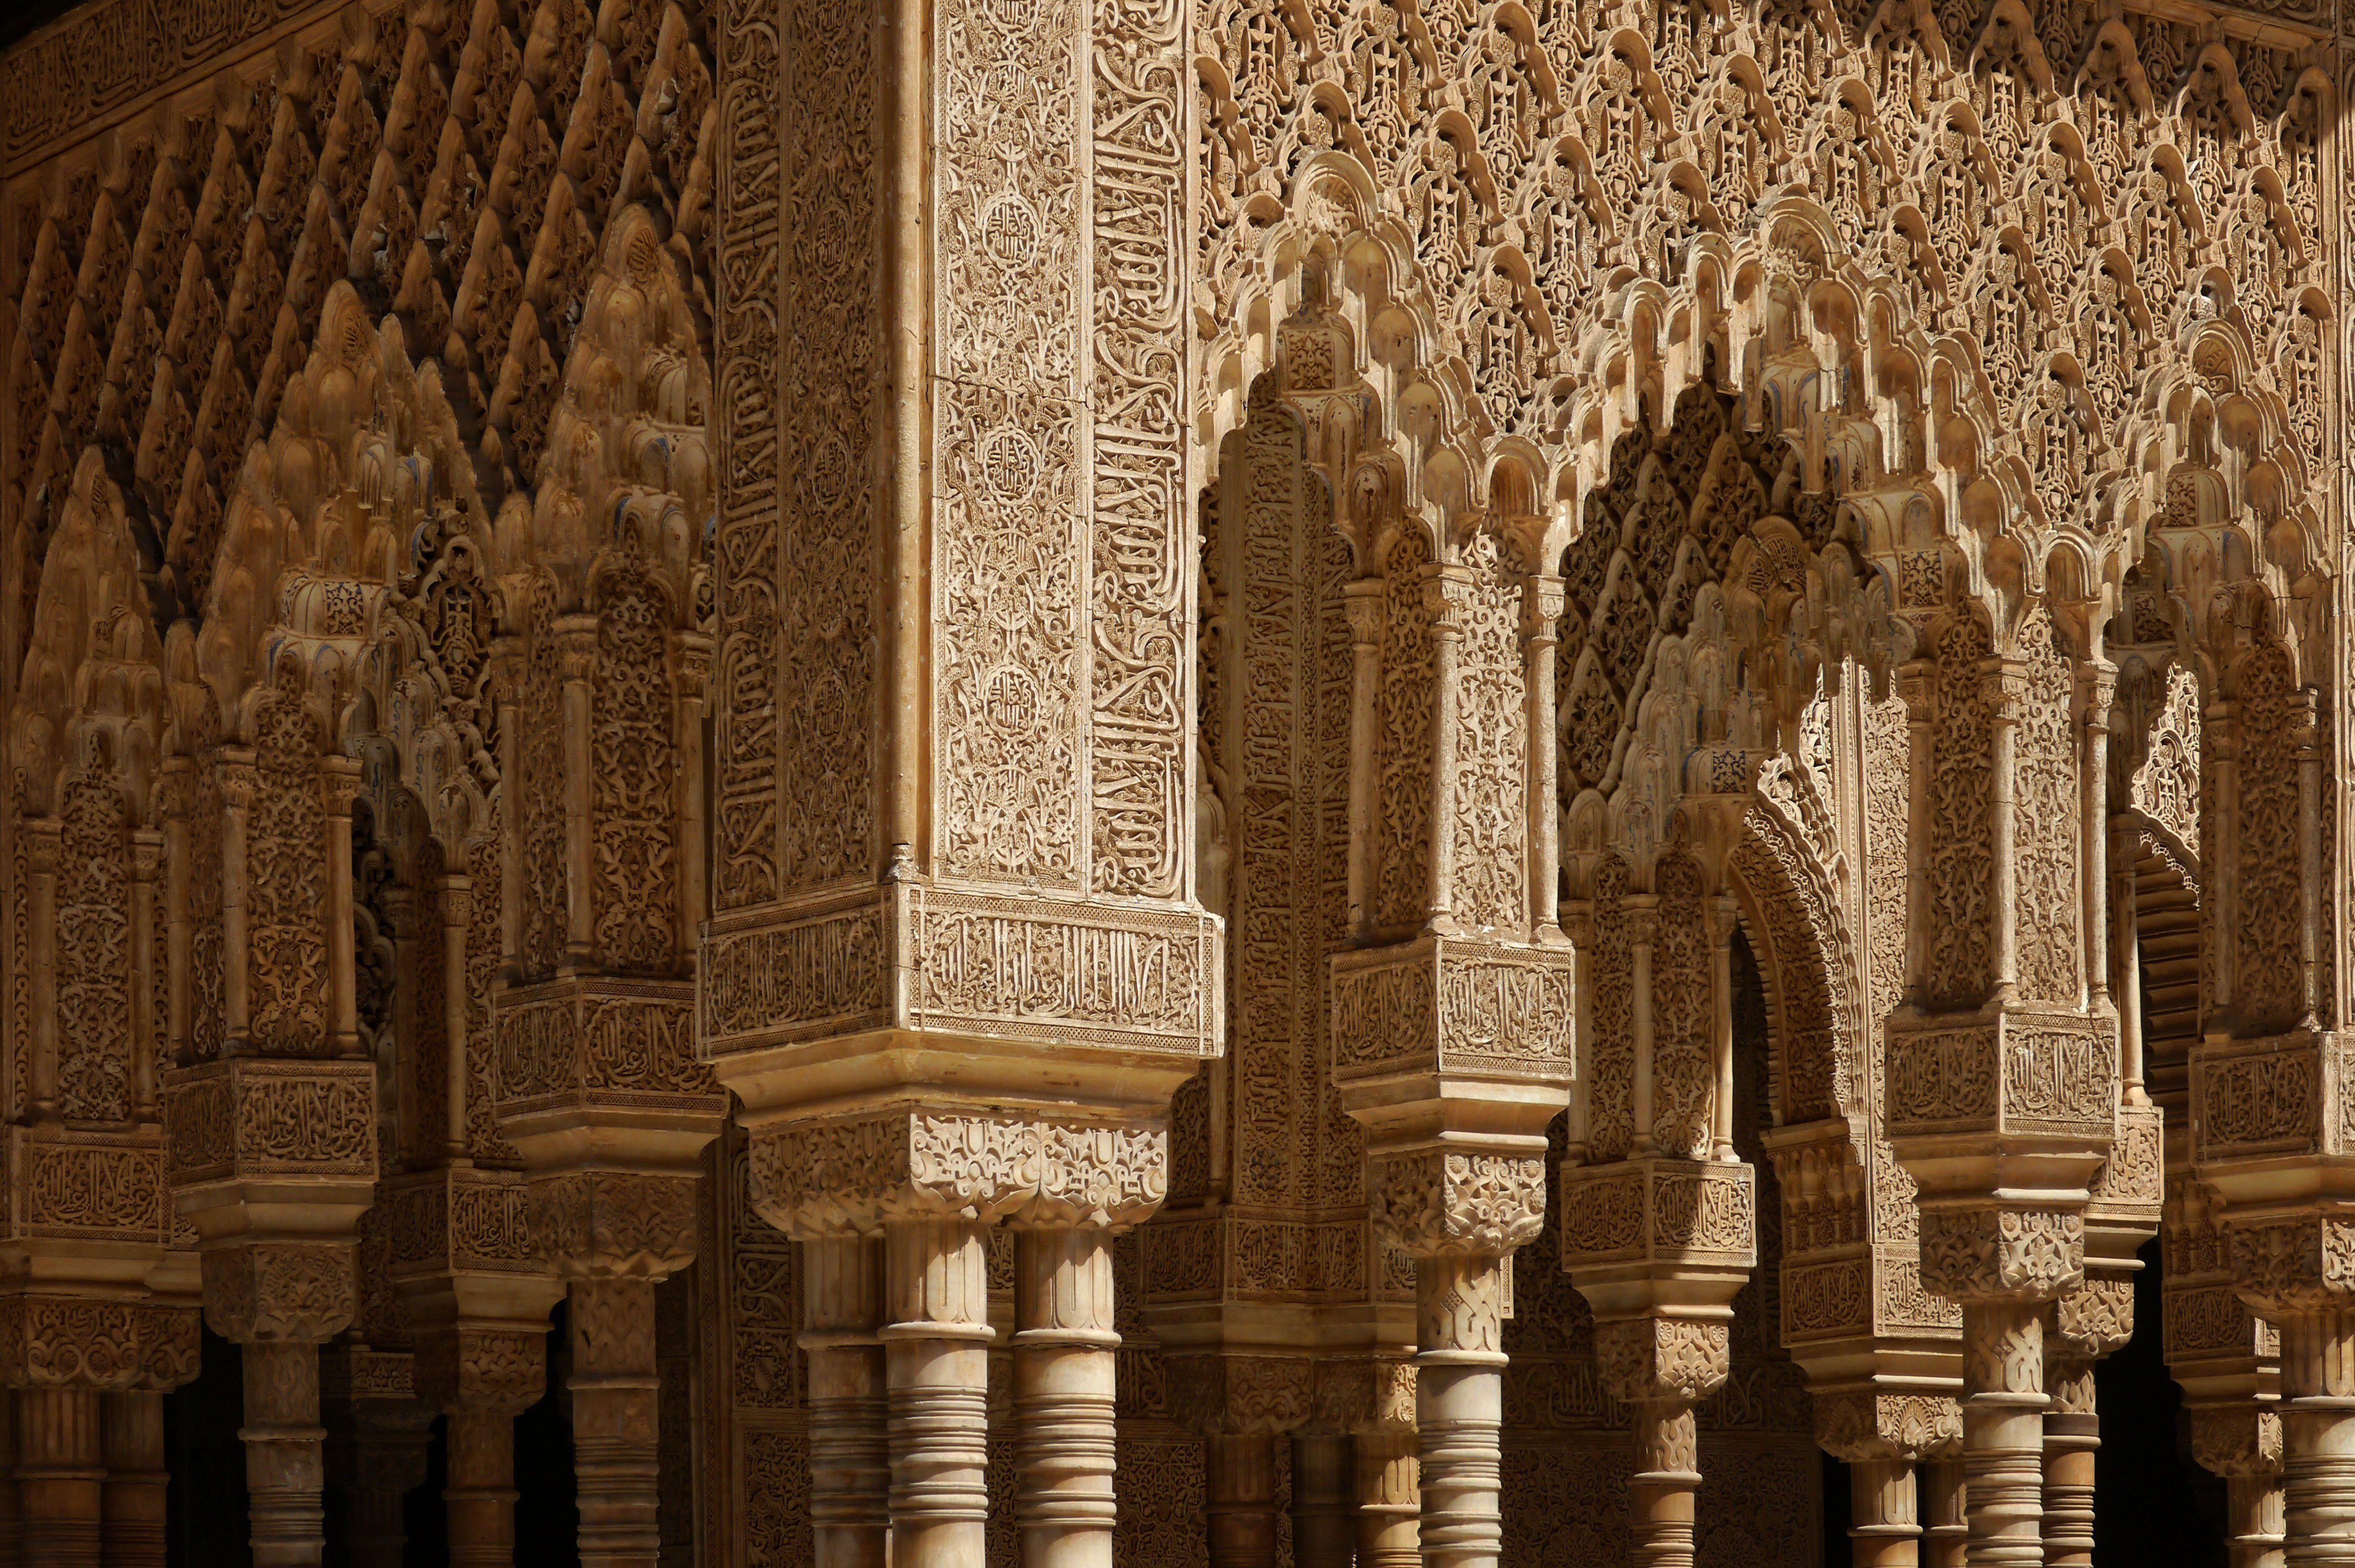 الفن المعماري في نقوش الشعر على جدران قصر الحمراء